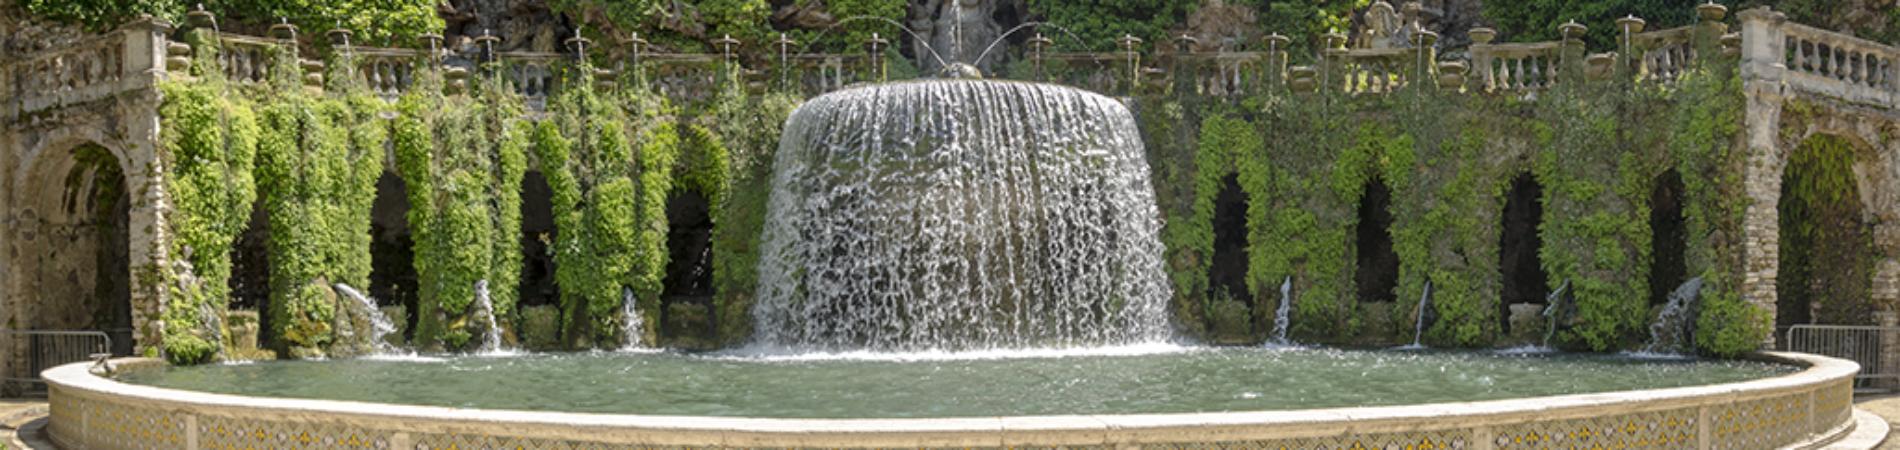 panorama-della-fontana-dell-ovato